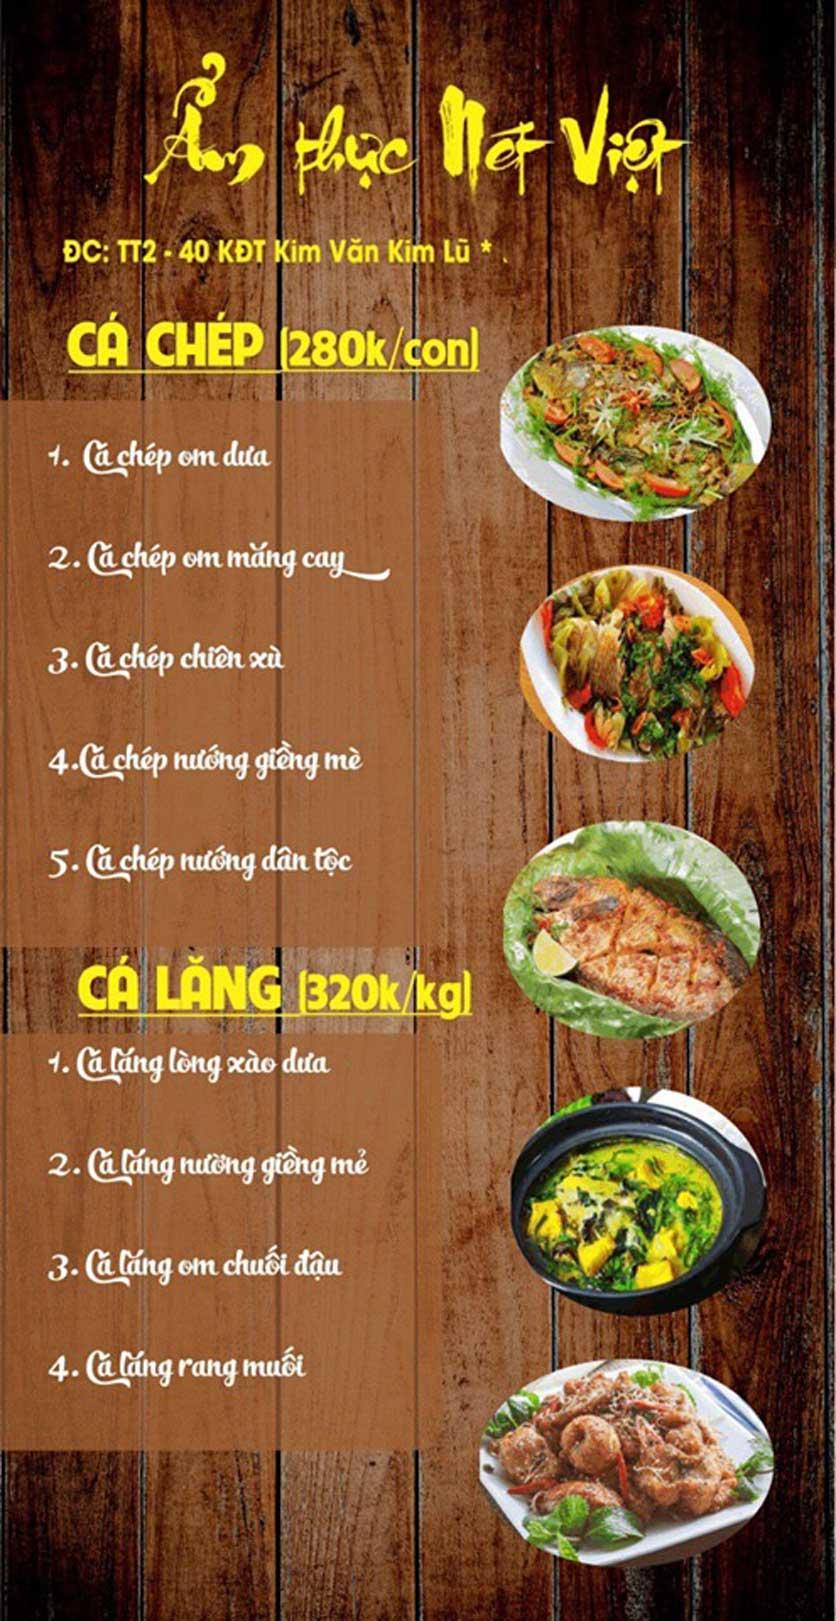 Menu Nét Việt - KĐT Kim Văn Kim Lũ  8